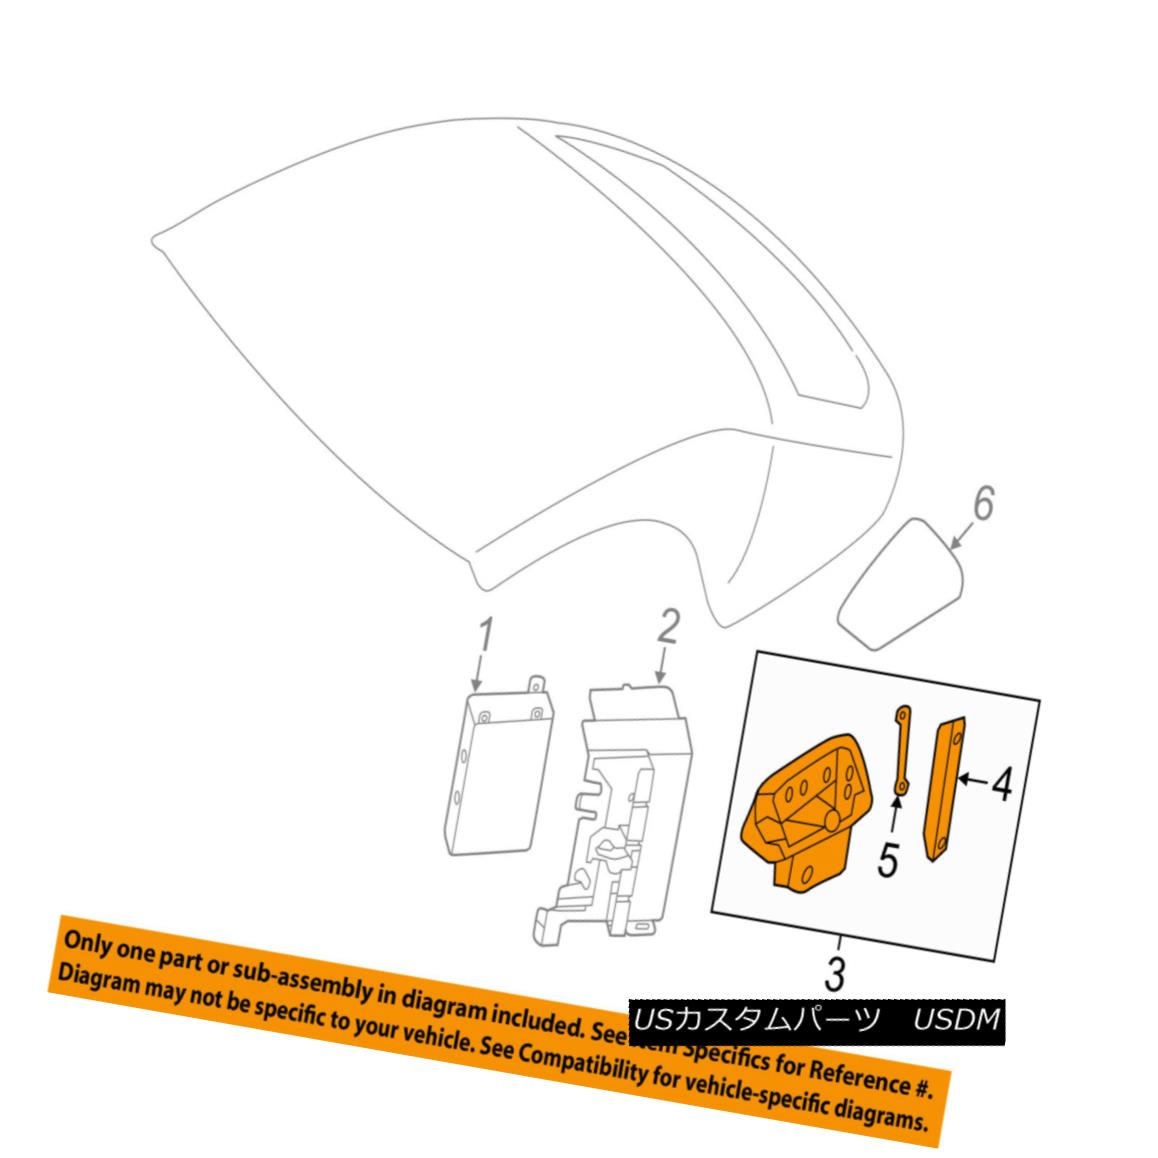 幌・ソフトトップ AUDI OEM TT Quattro Control Unit-Convertible/soft Top-Flap Right 8S7871992A AUDI OEM TTクワトロコントロールユニット - コンバ - トブロツク/ソフトトップフラップライト8S7871992A